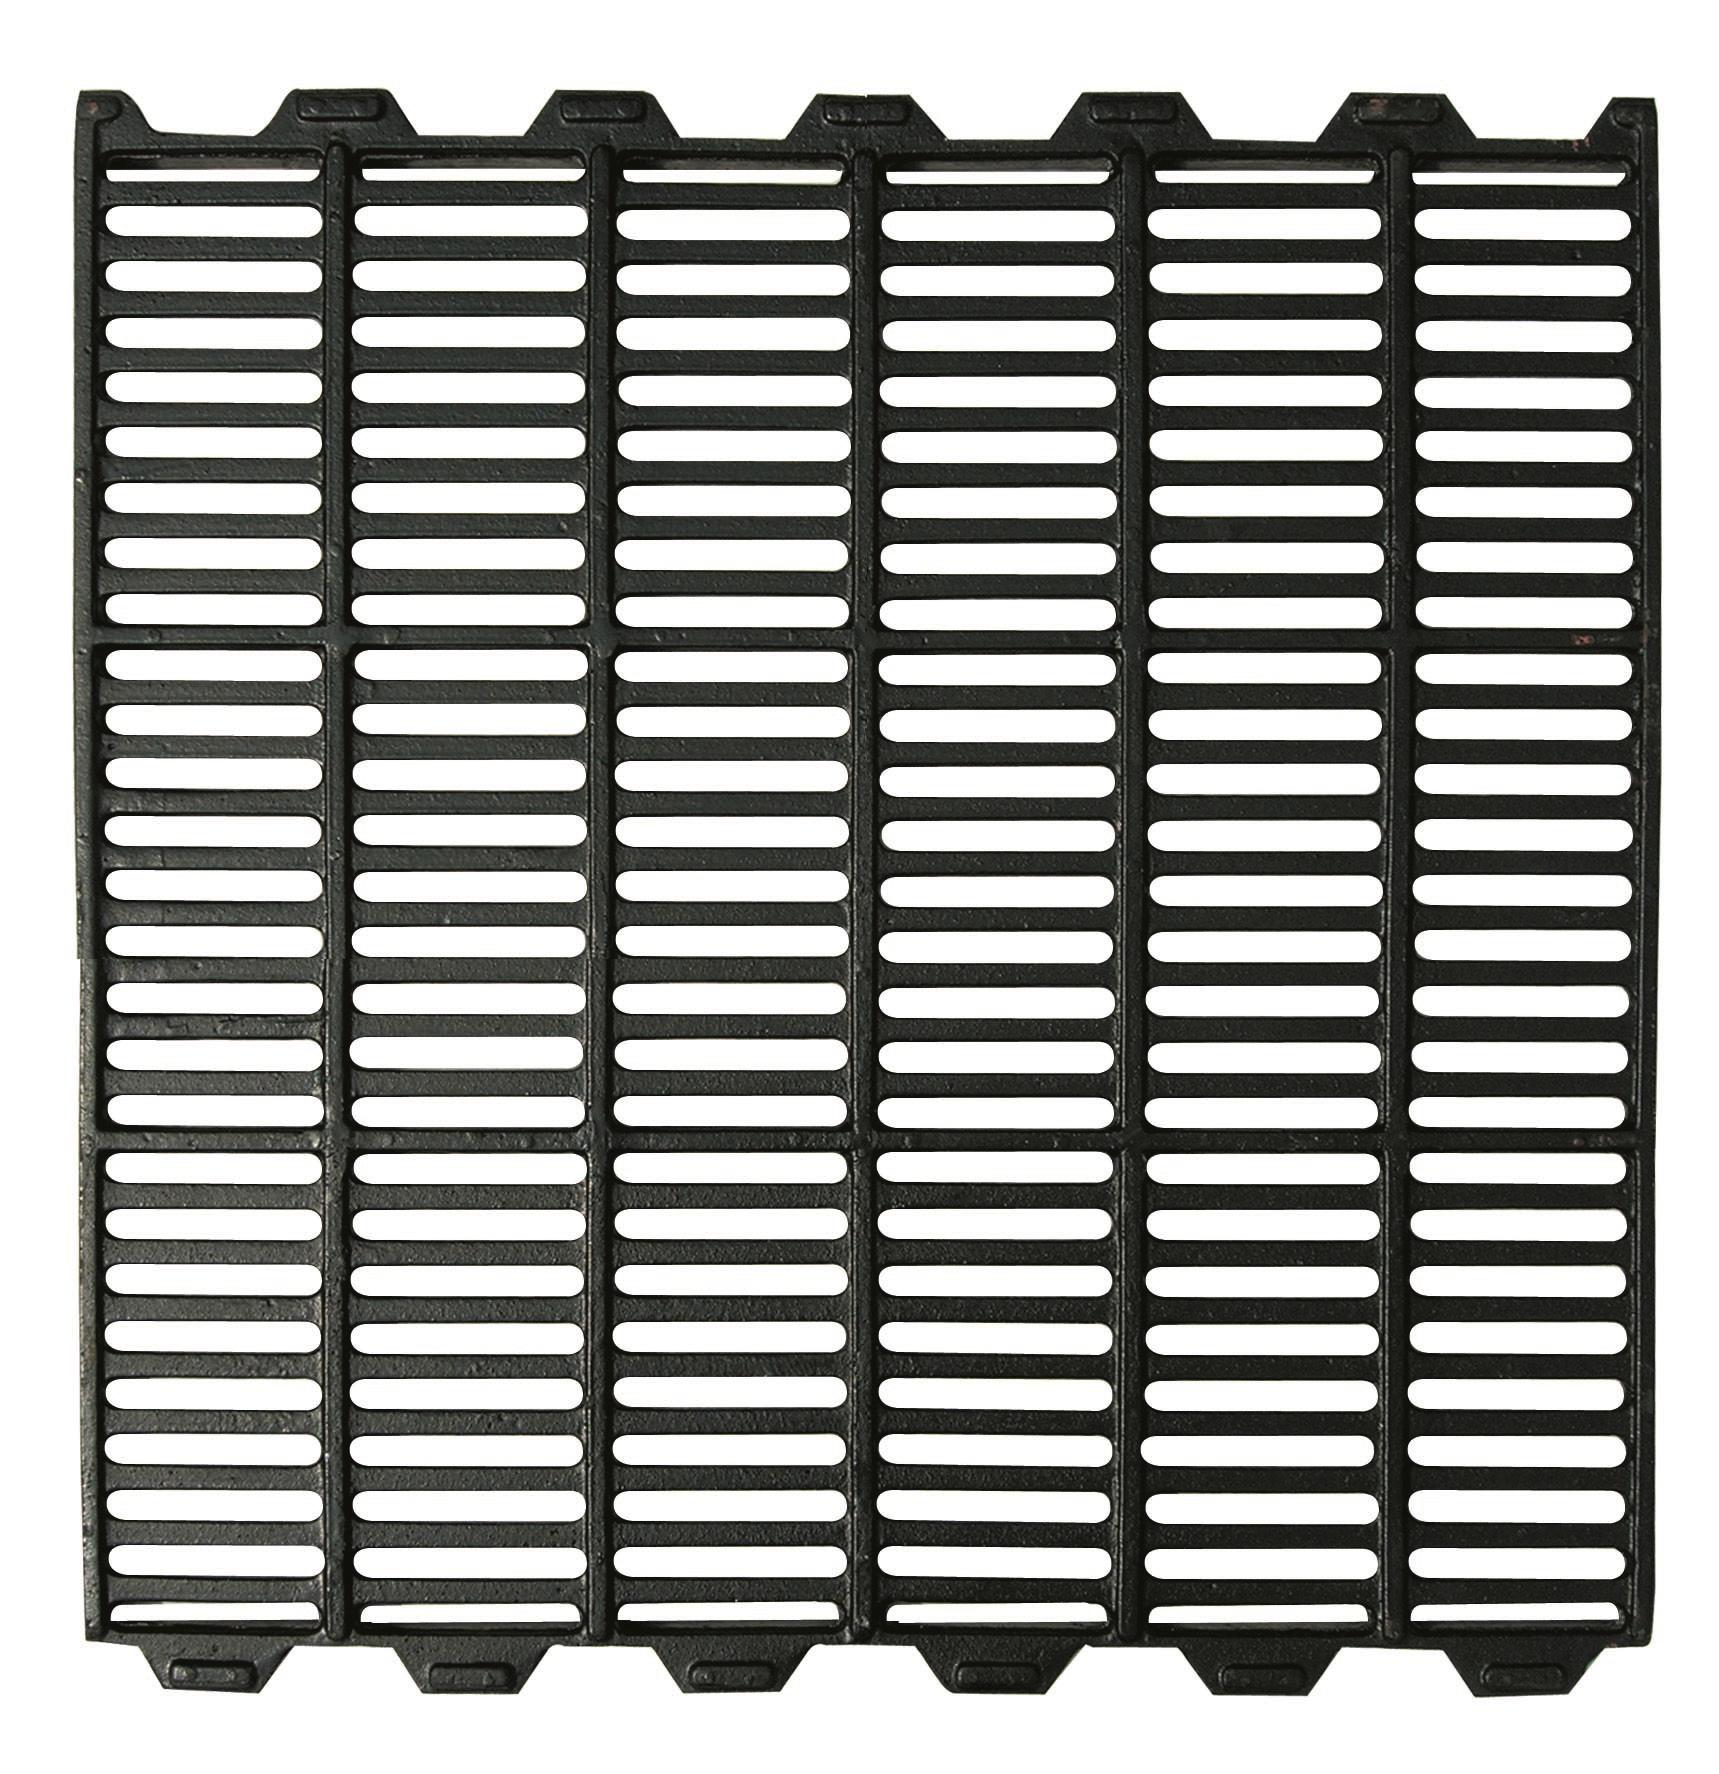 铸铁地板,铸铁地板生产基地,广东铸铁地板批发,铸铁地板品牌/图片/价格